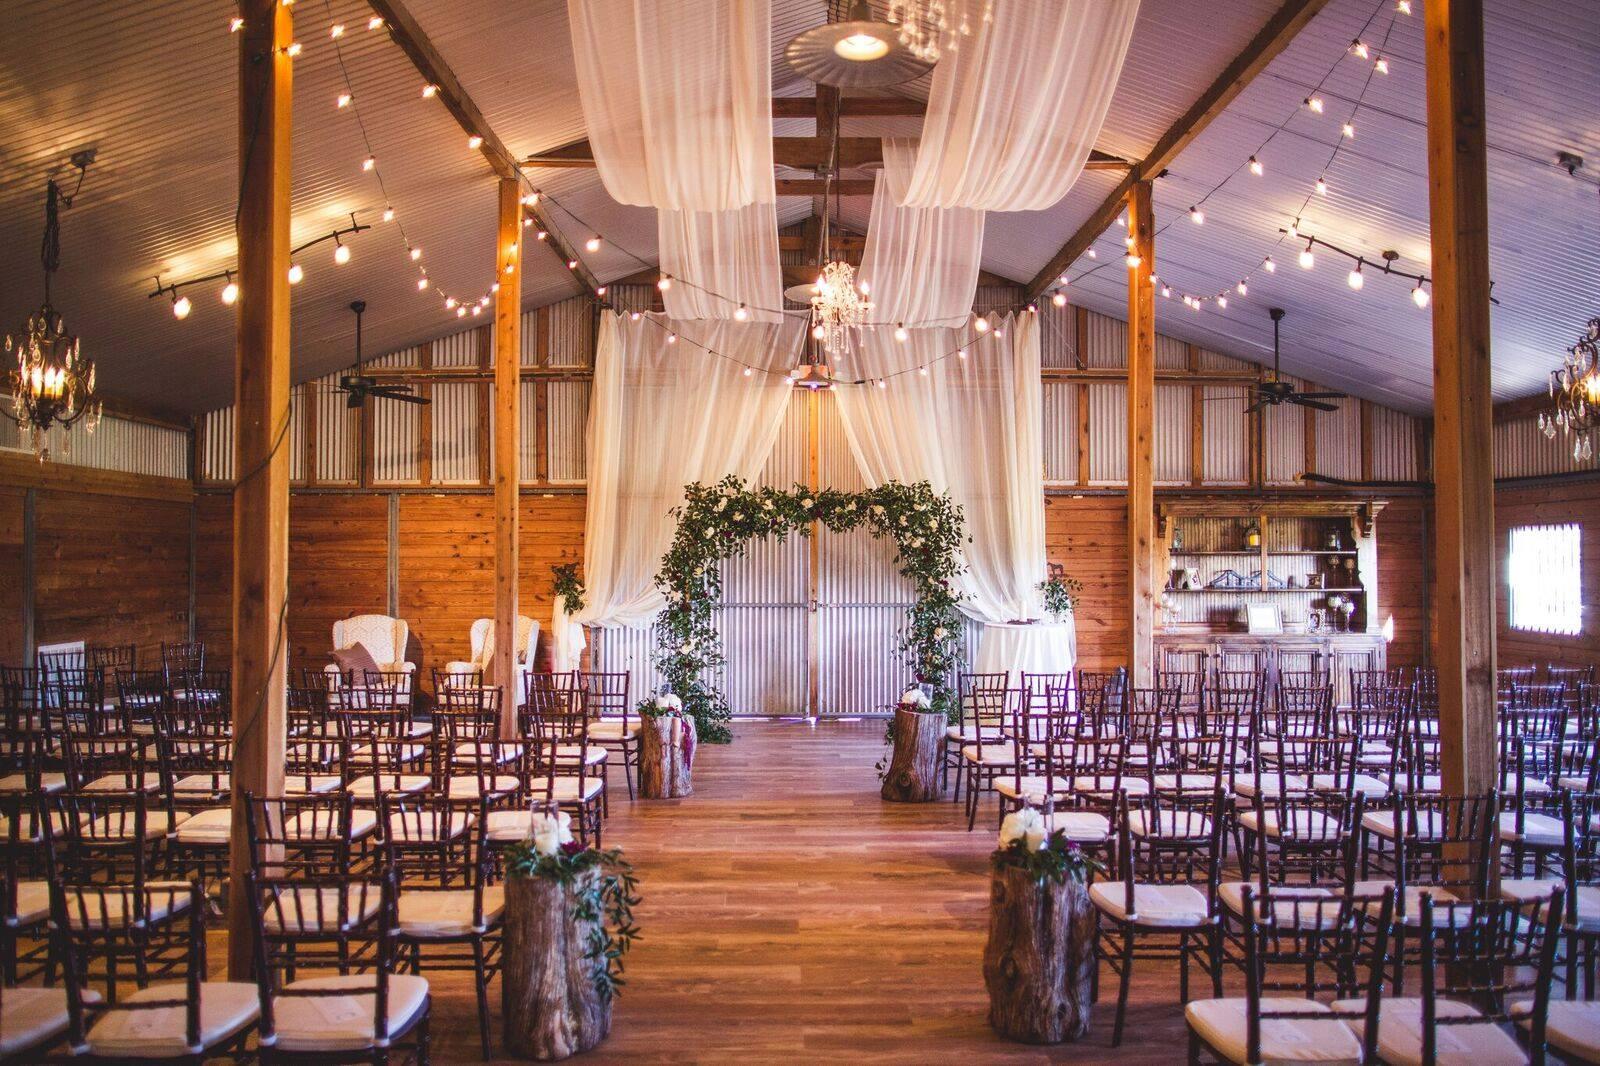 a wedding venue